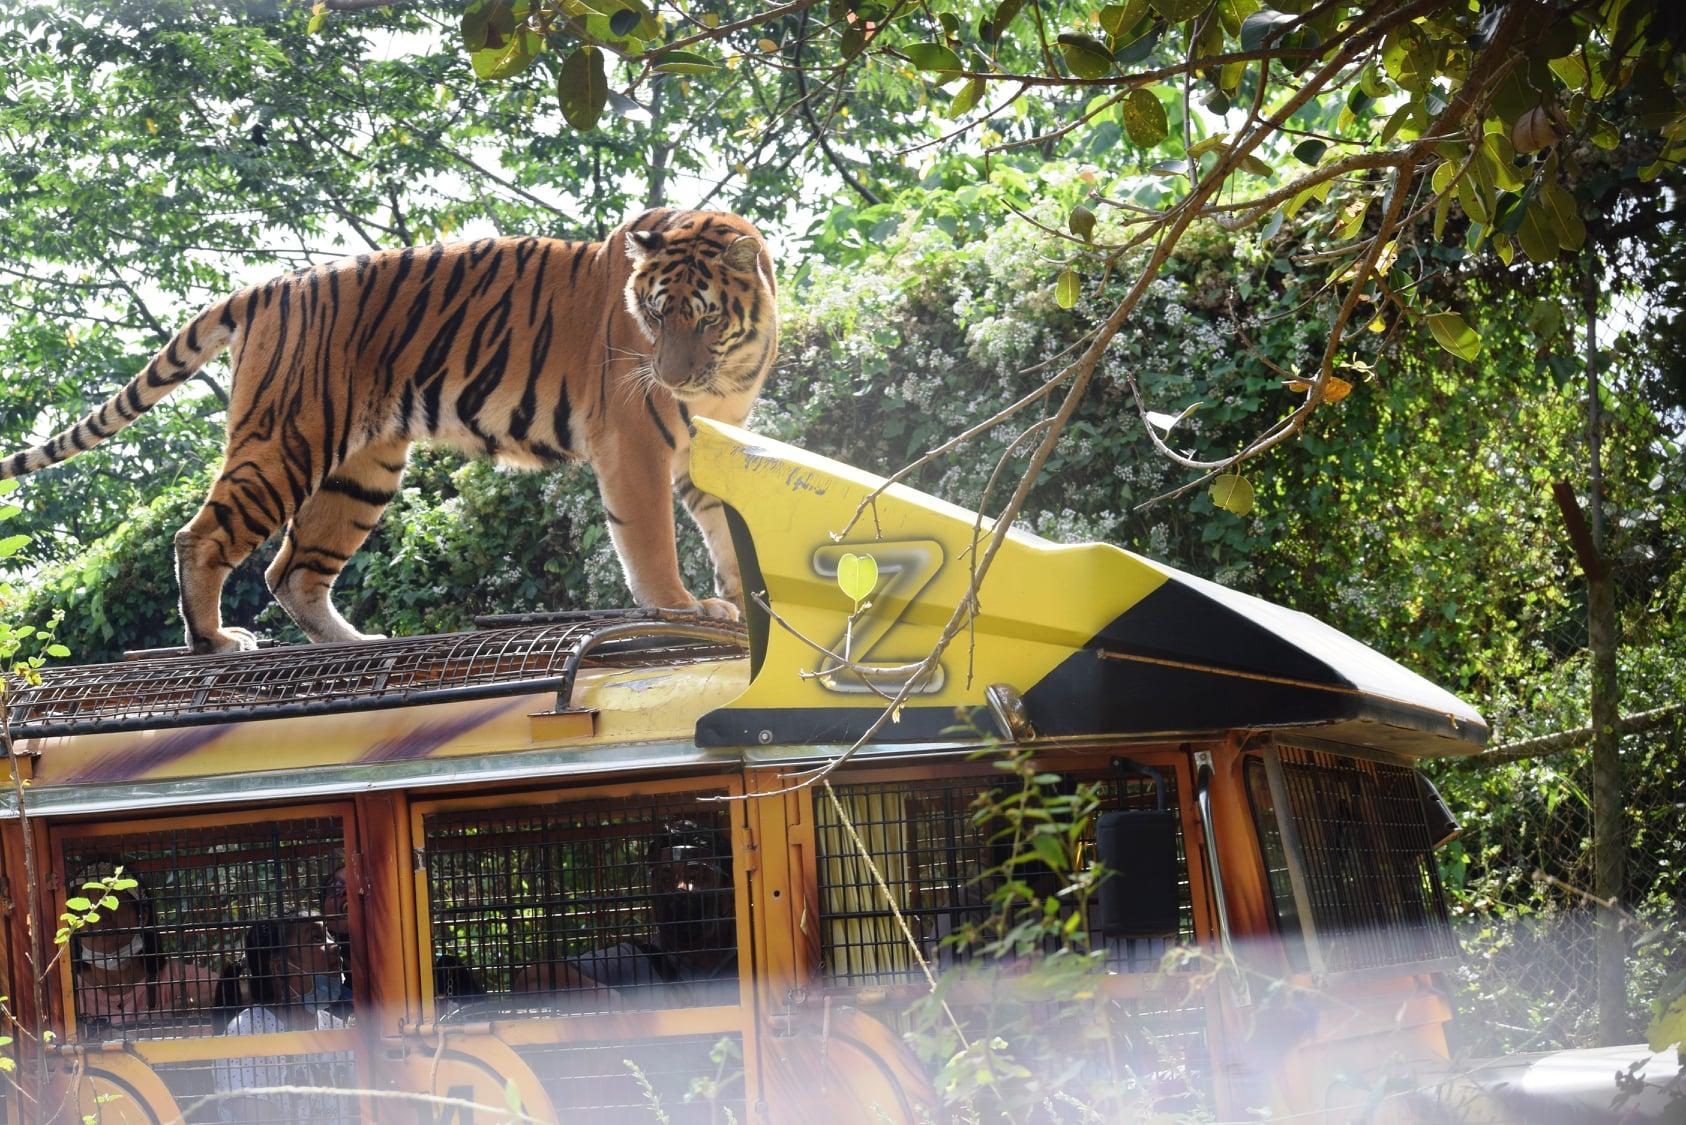 Tiger safari tour bus